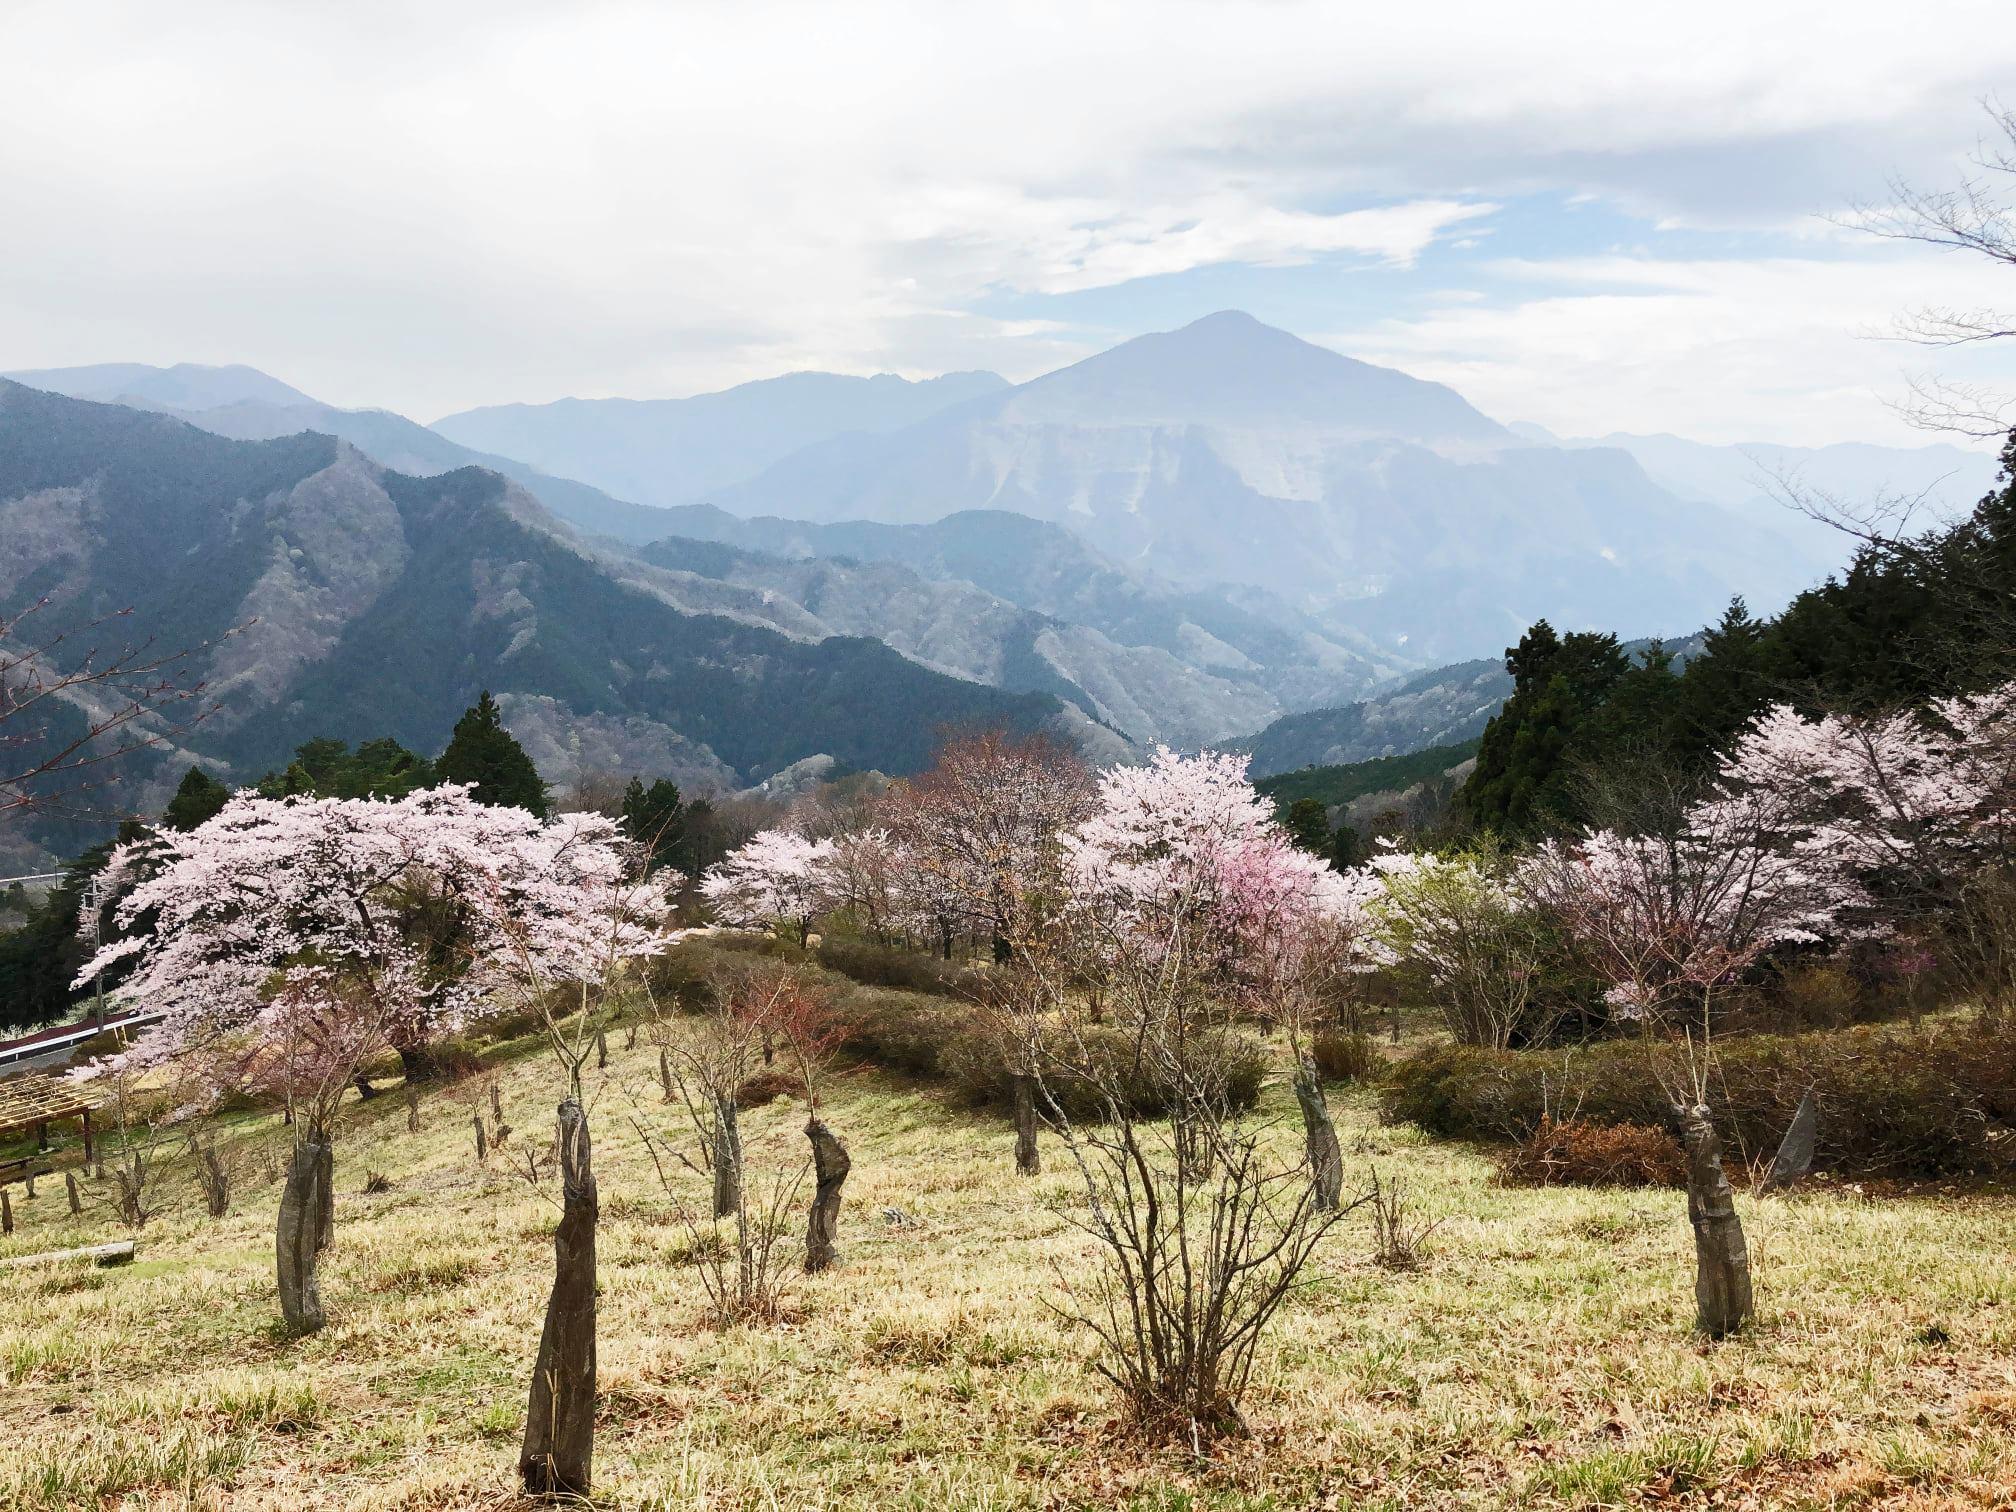 4月4日yama楽 埼玉県芦ヶ久保/日向山